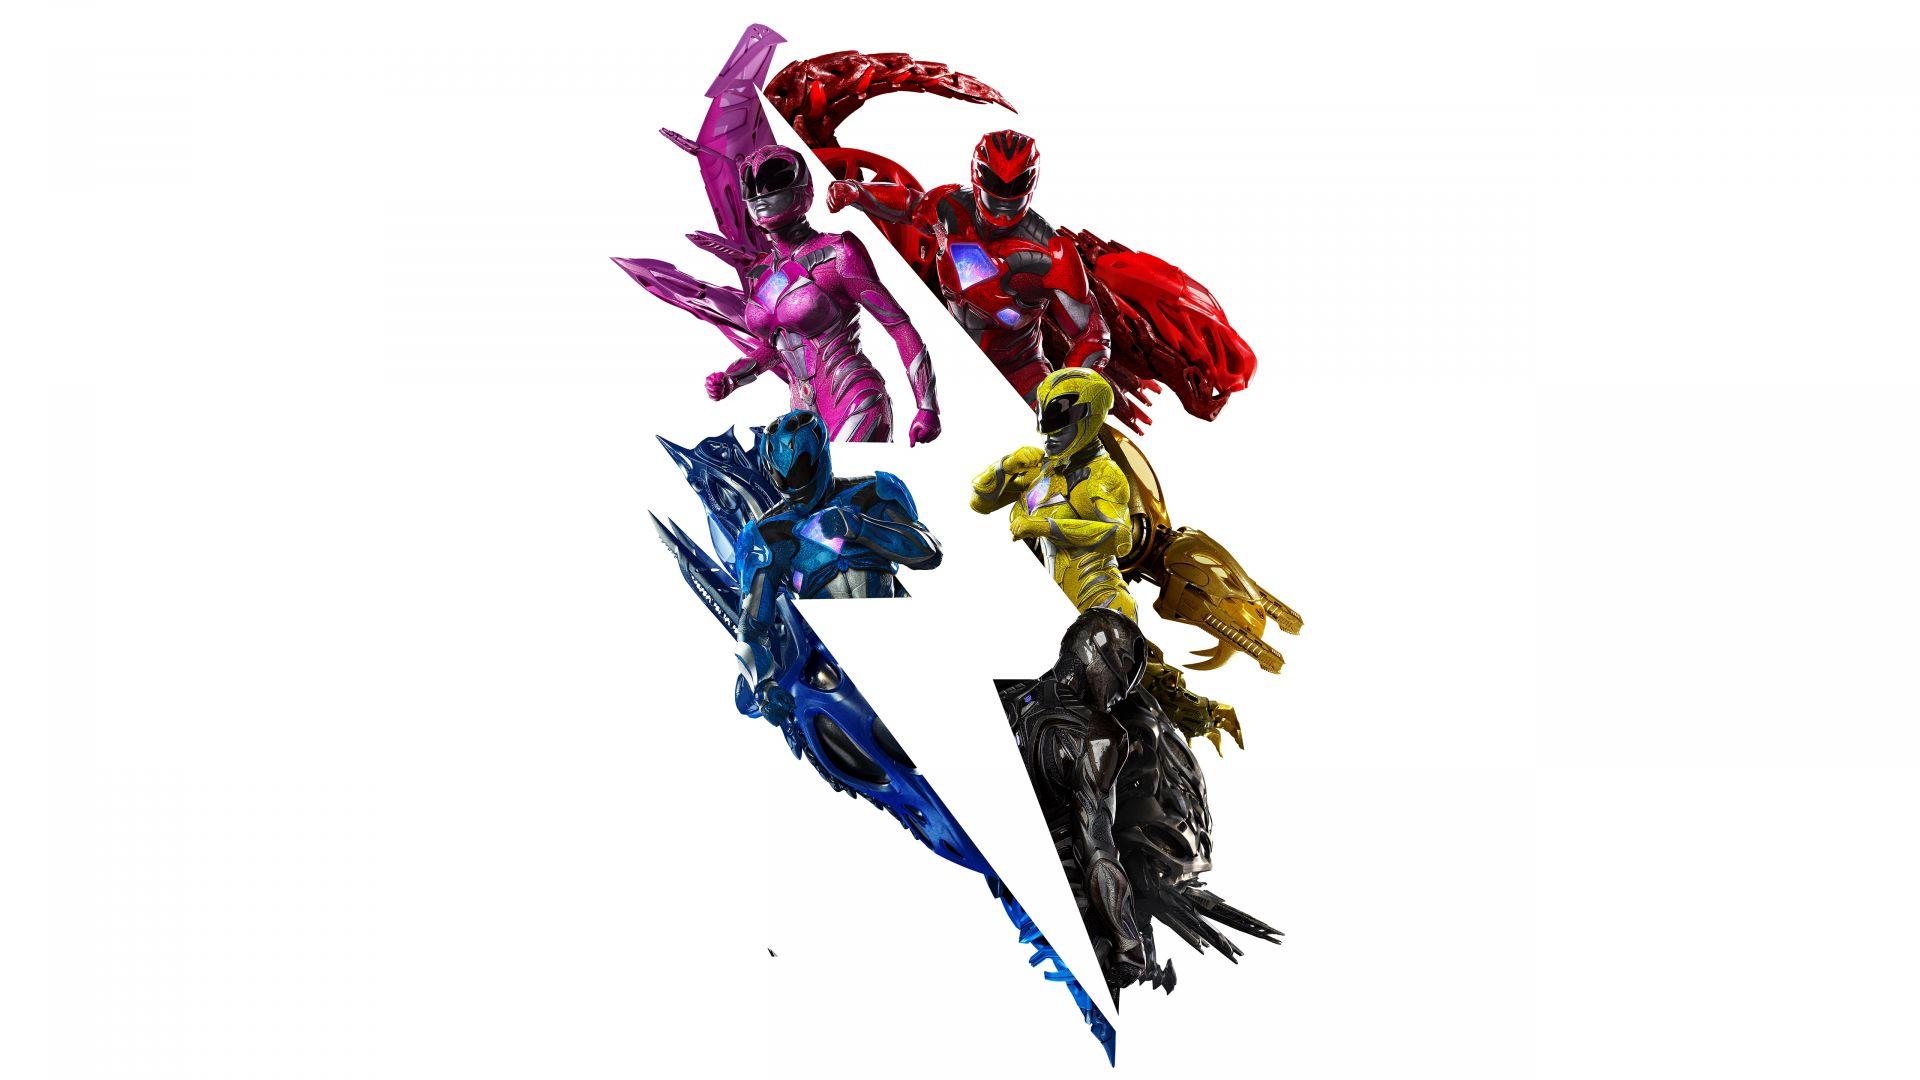 Wallpaper Zord, Power Rangers, 2017 movie, poster, 4k